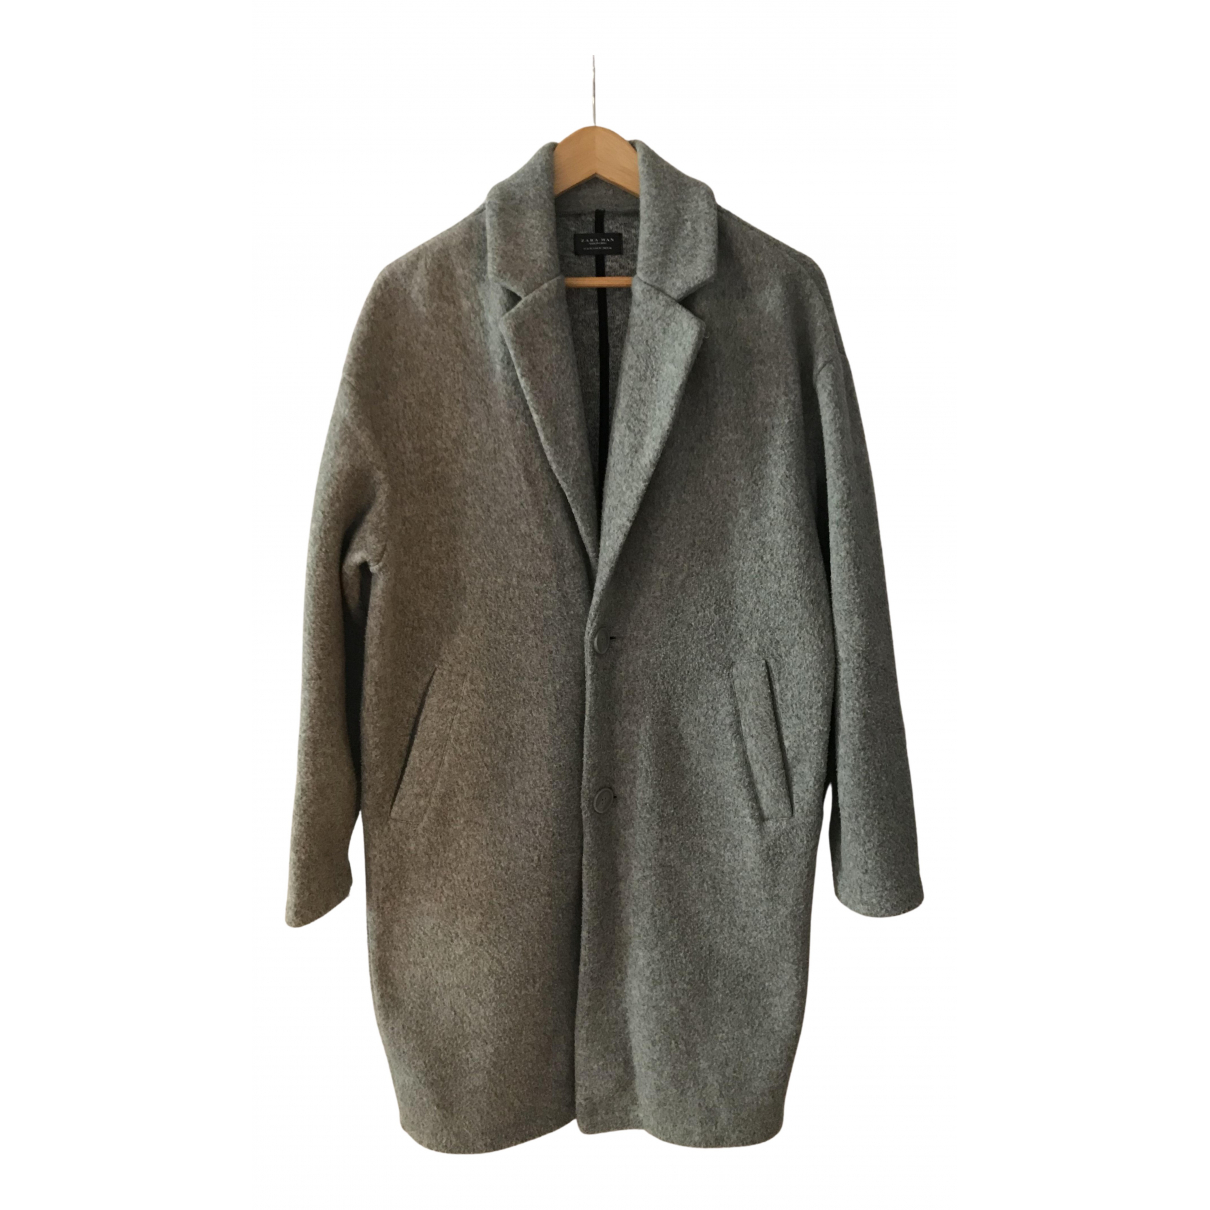 Zara - Manteau   pour homme - gris